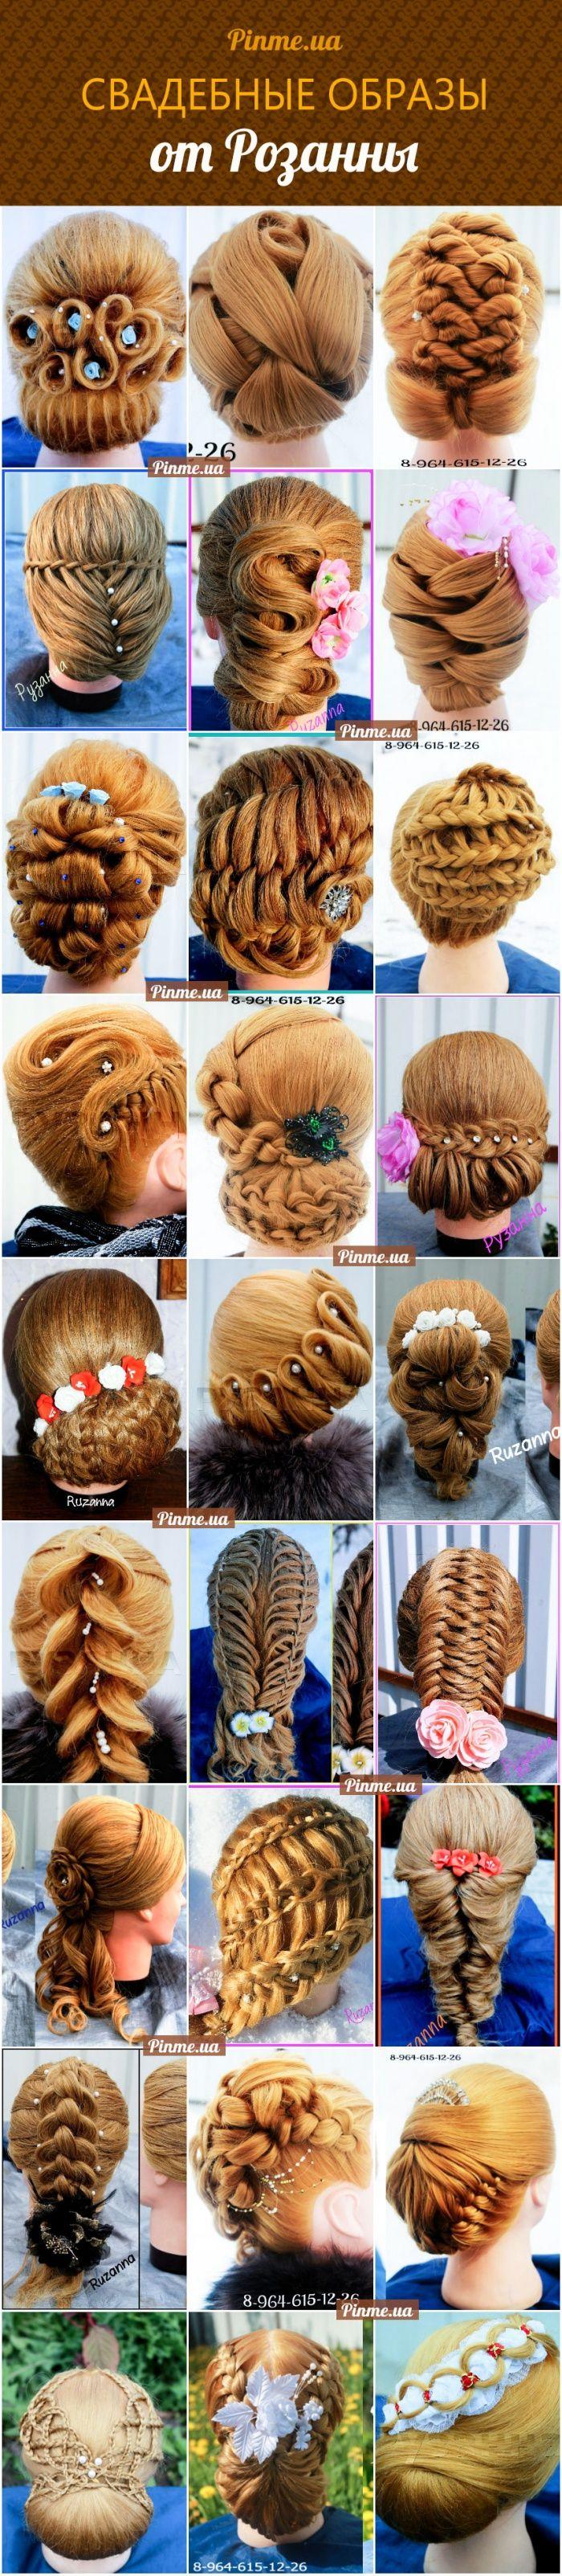 63 best Hair ideas for Harlequin images on Pinterest